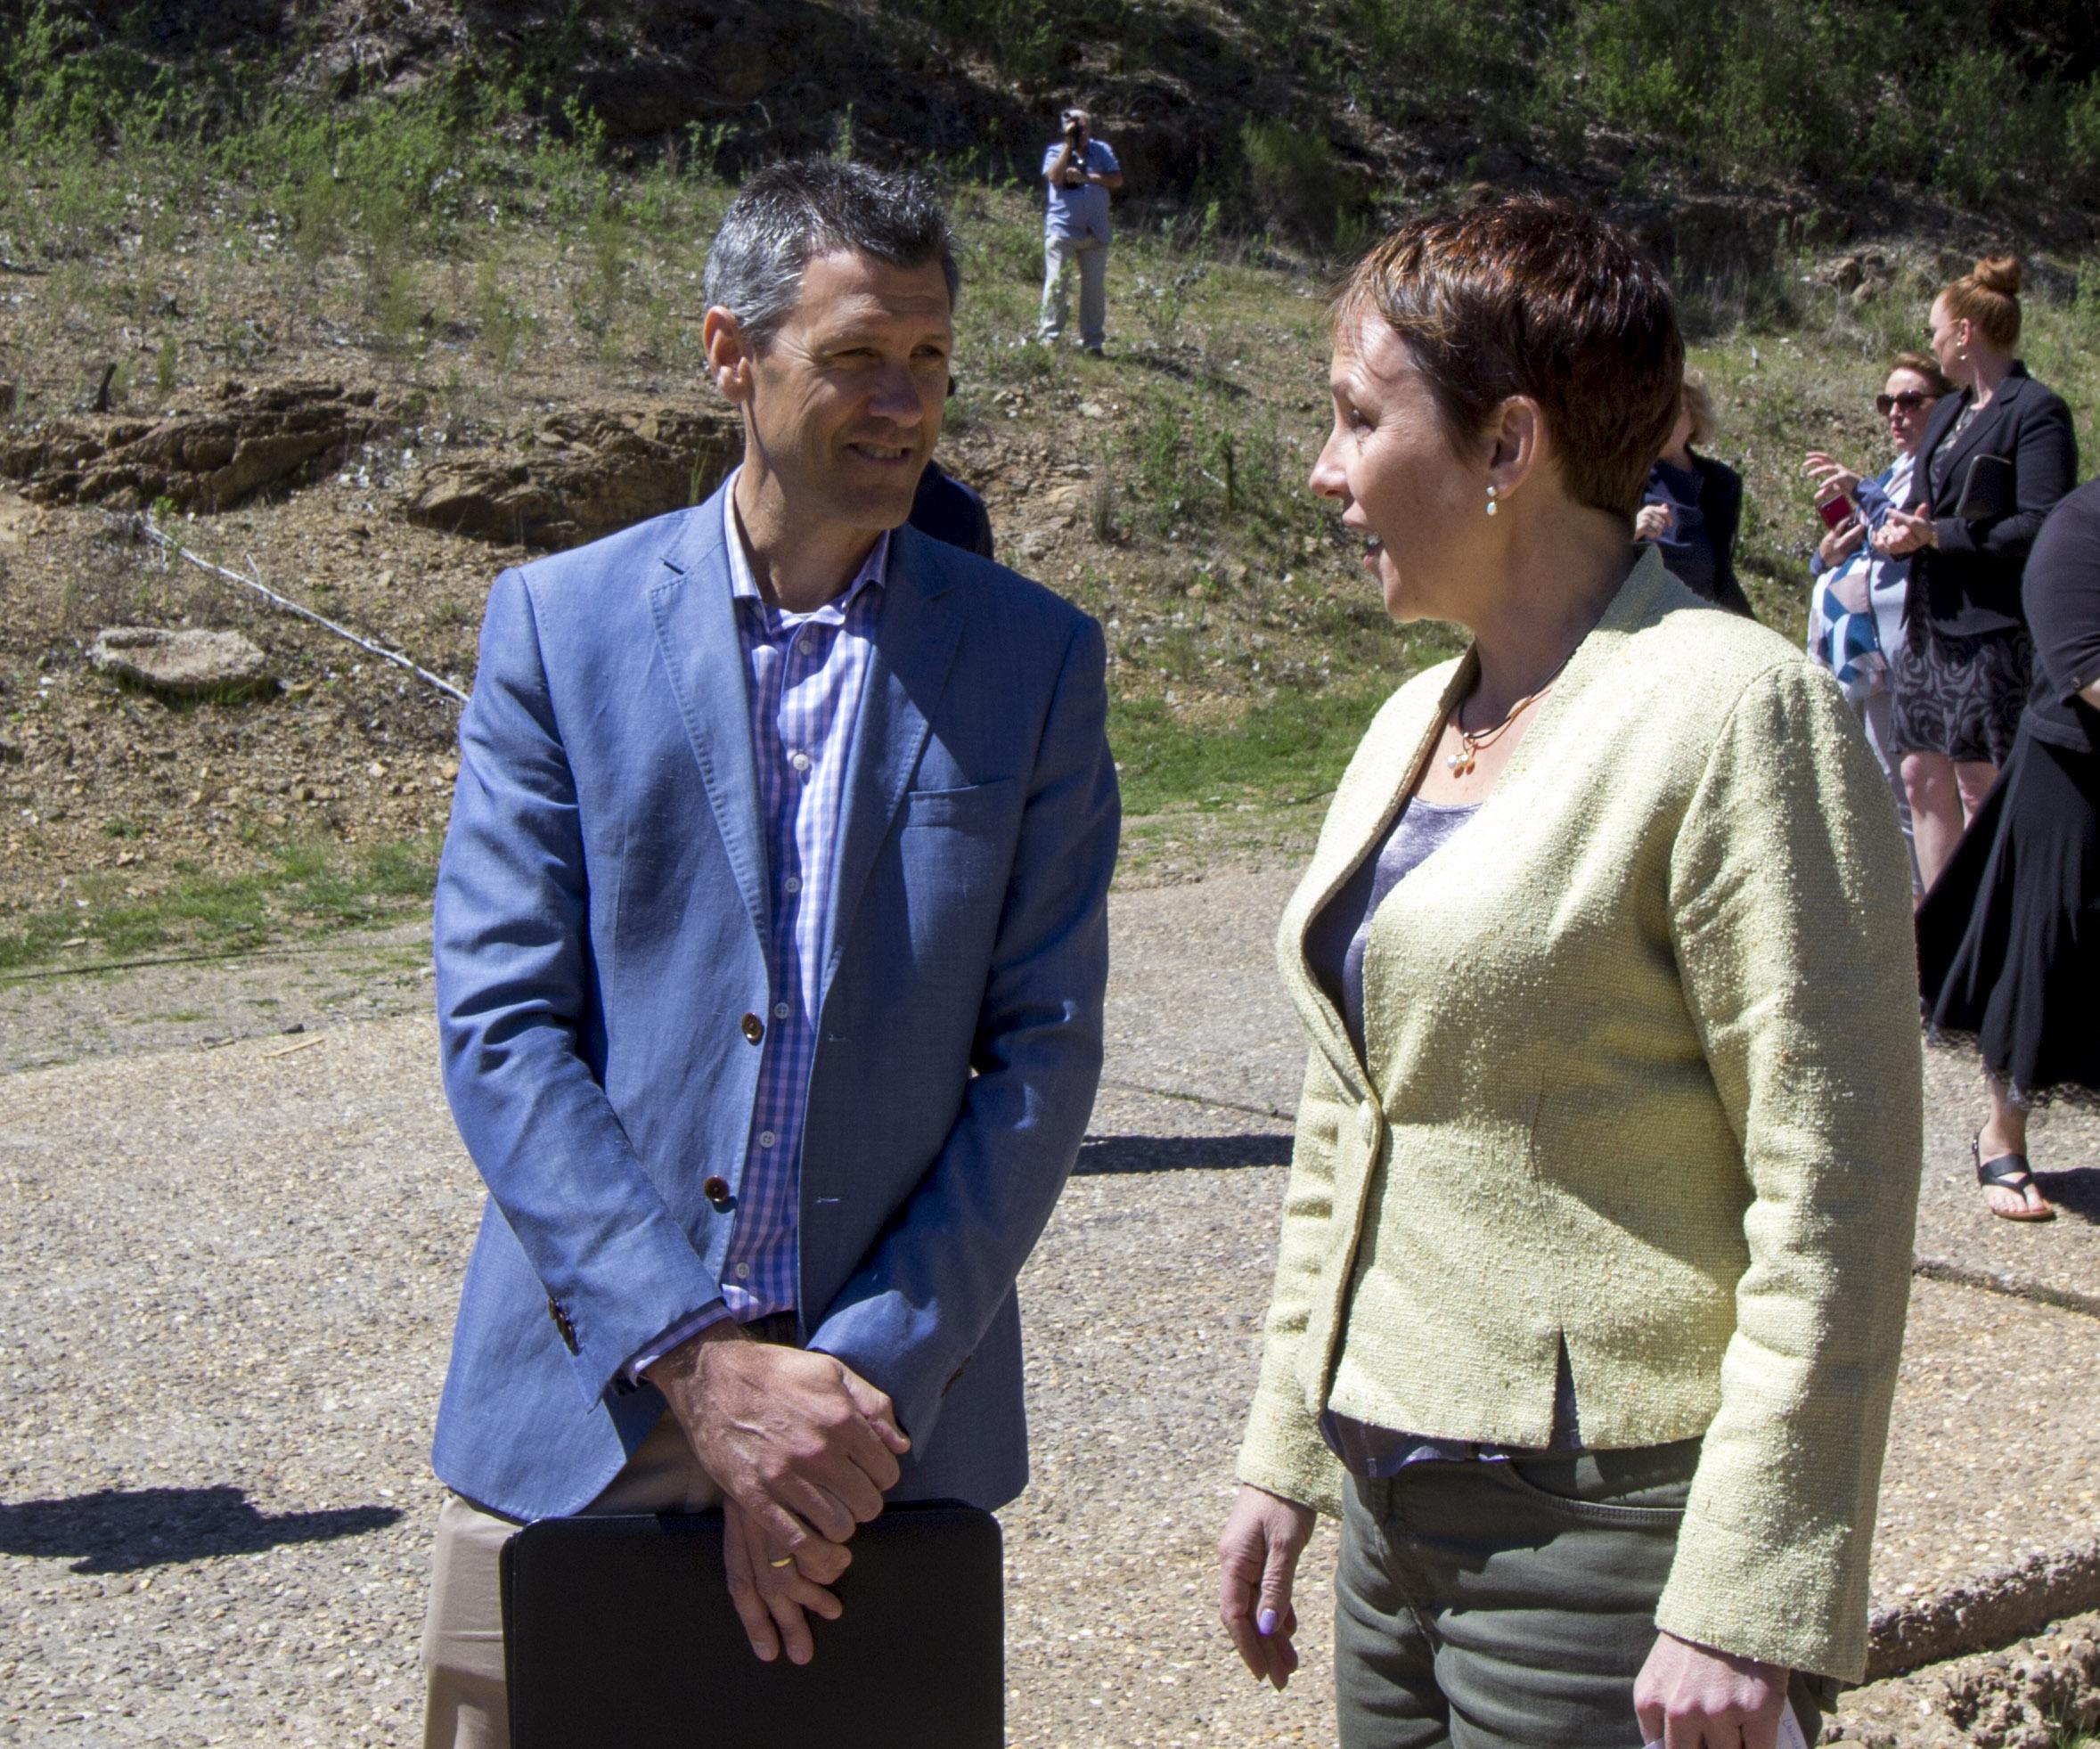 steve and new minister.jpg